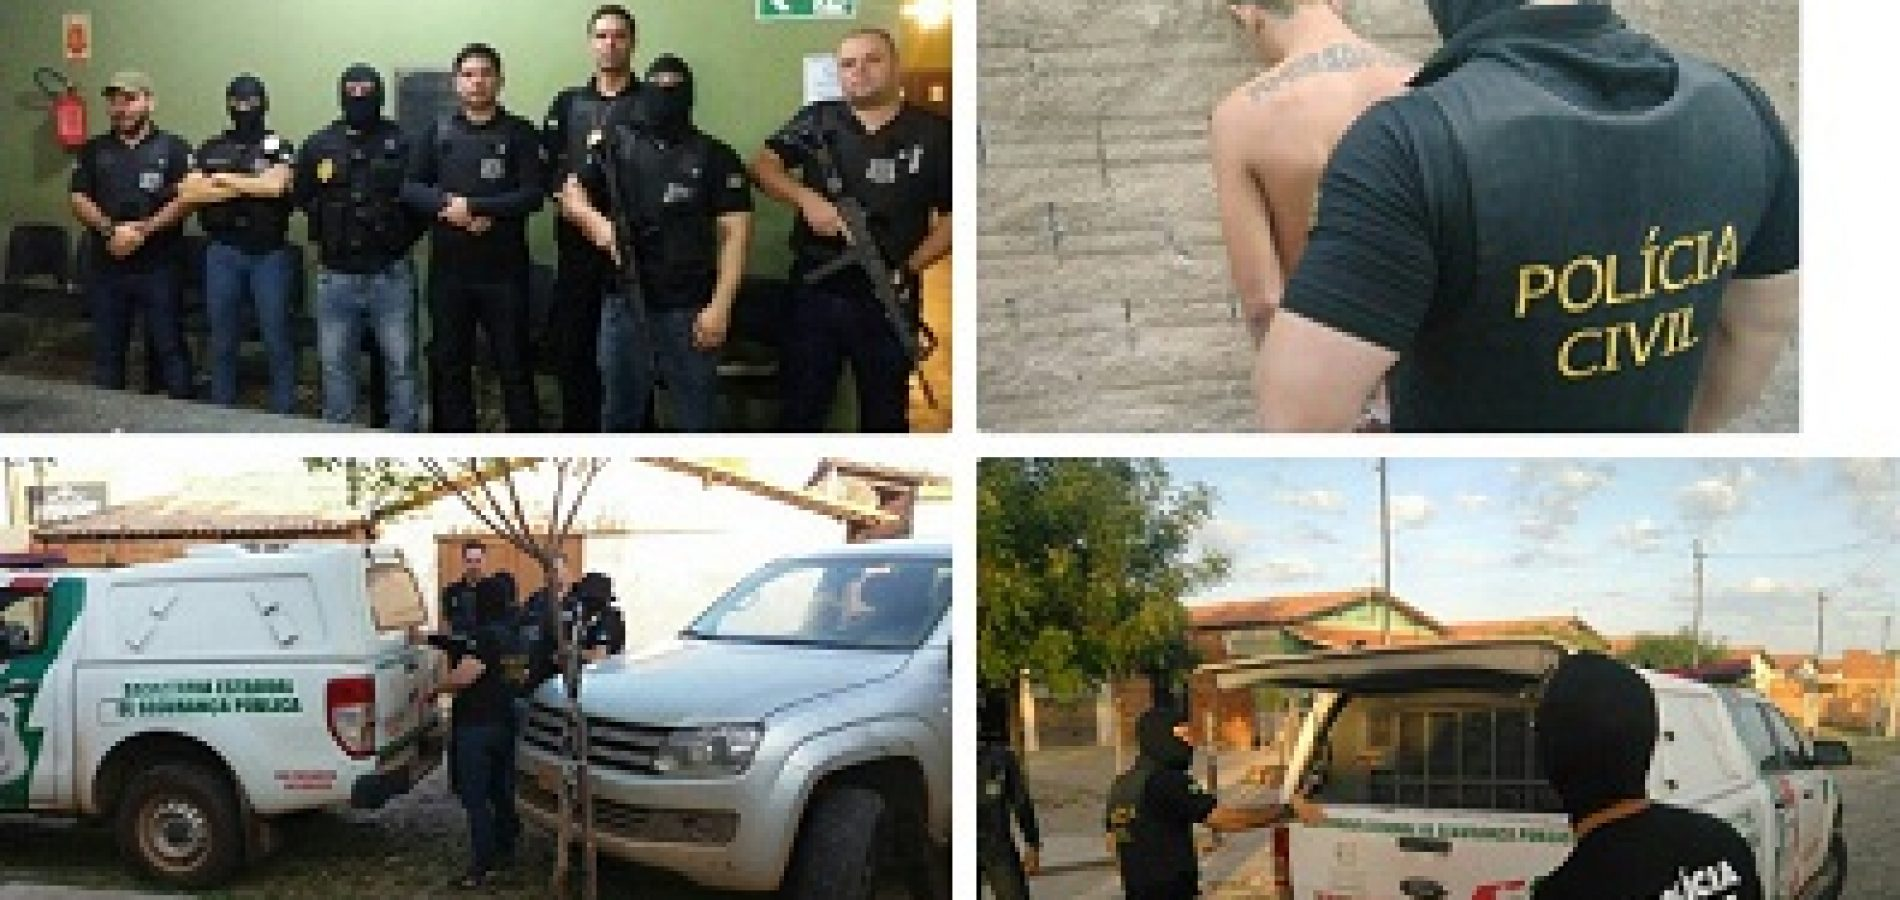 Polícia Civil desencadeia Operação Crates e prende duas pessoas